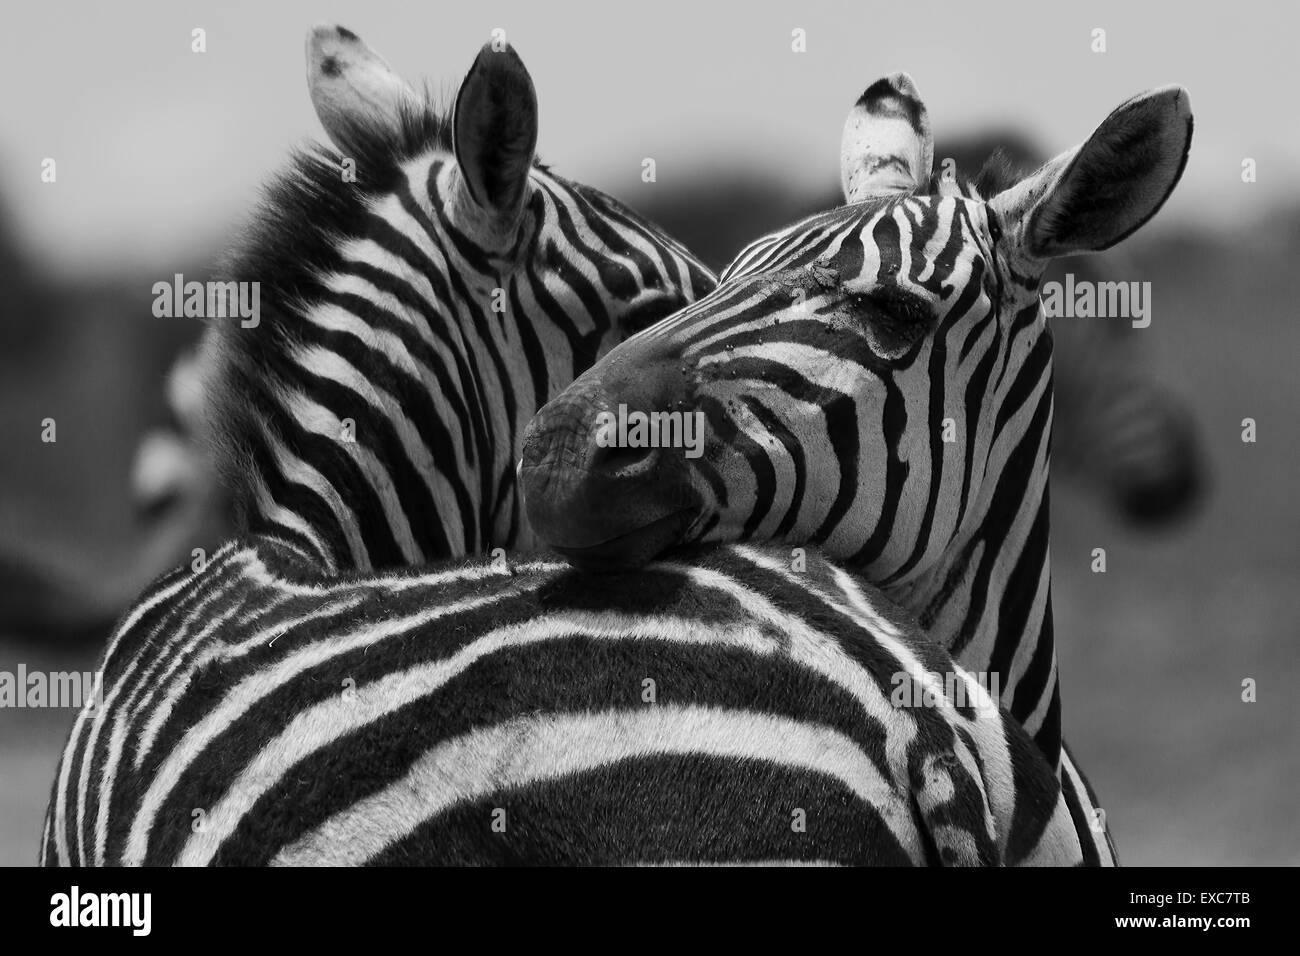 Burchell des gemeinsamen Zebra umarmt, Equus Burchelli - Kenia Stockbild